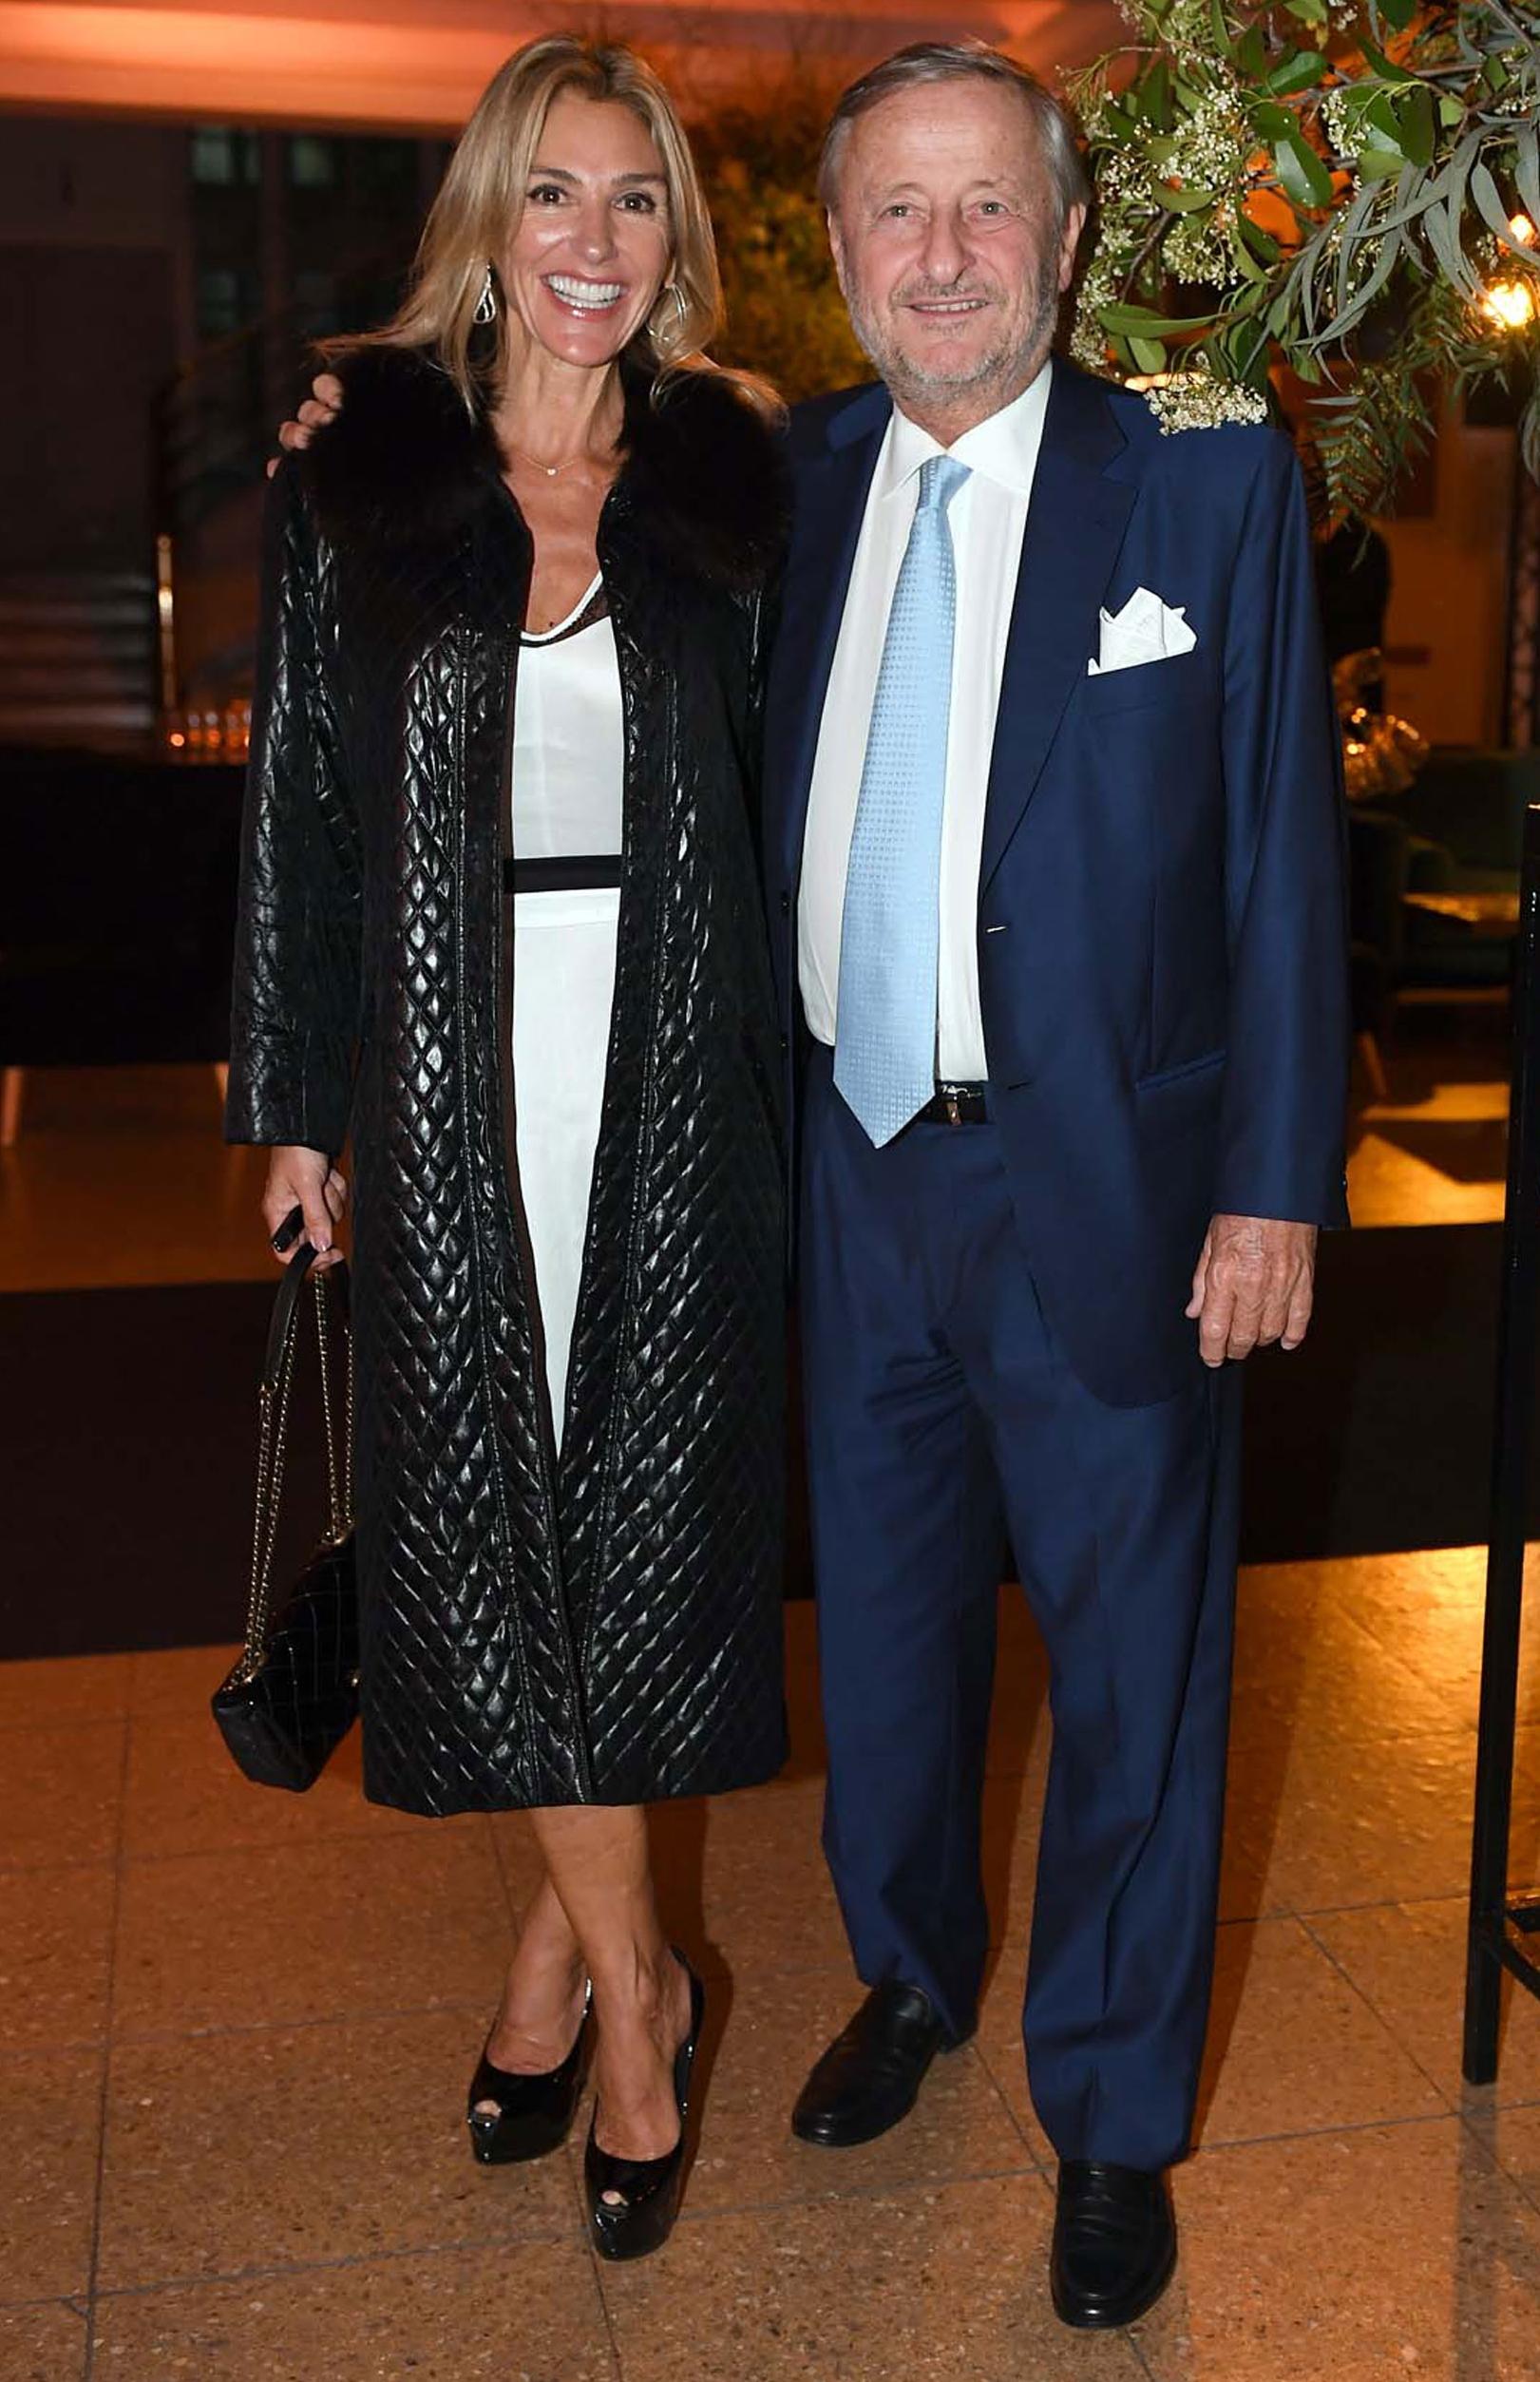 El presidente de Fiat Argentina, Cristiano Rattazzi, y su pareja Gabriela Castellani